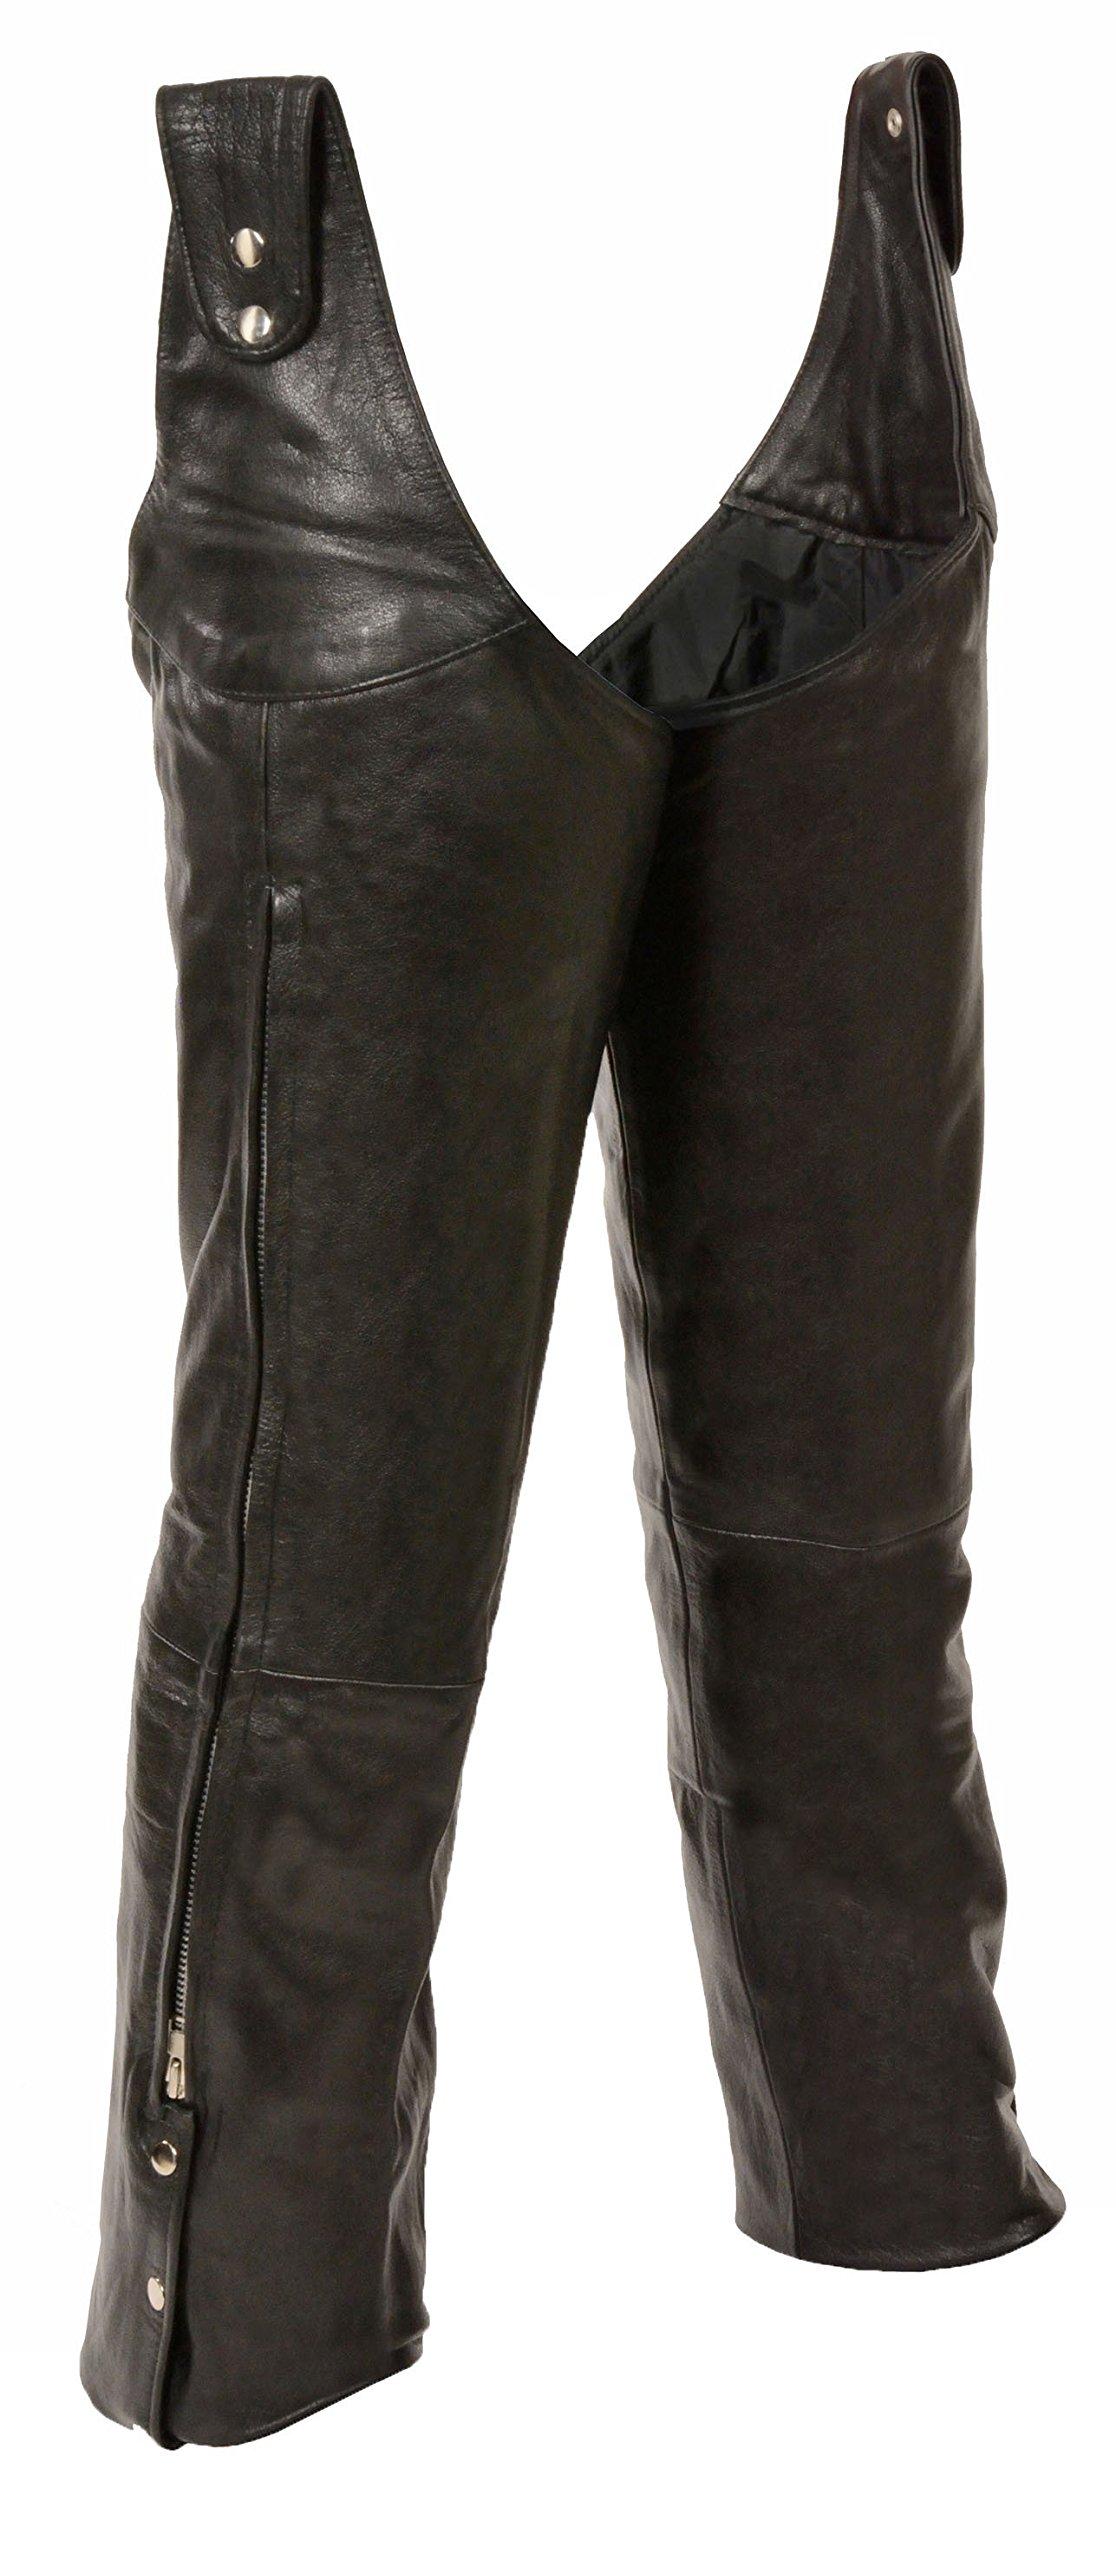 Mens Leather Beltless Adjustable Side Snap Chaps, Black Size 4XL